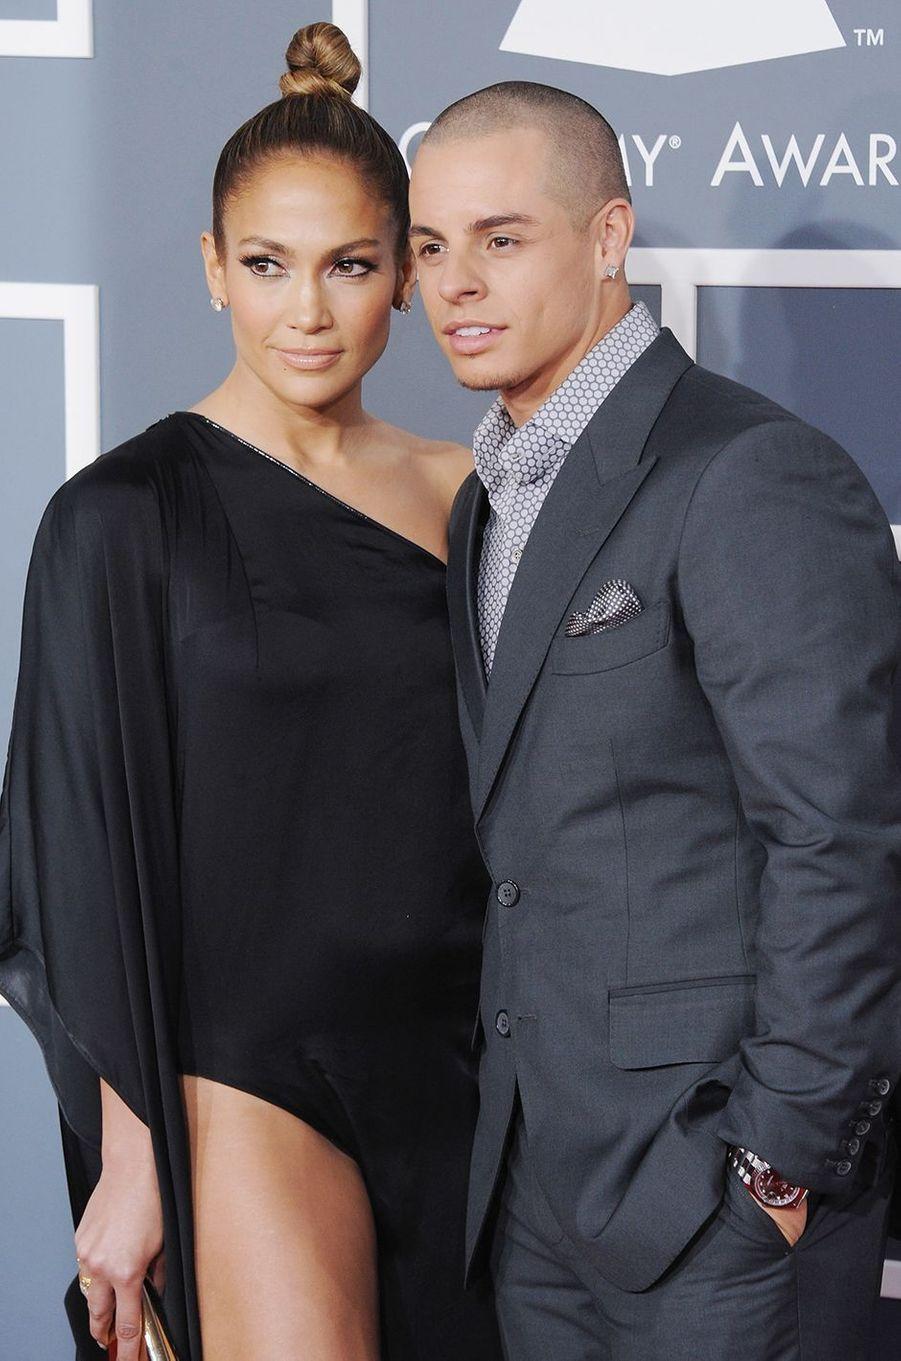 Jennifer Lopez et Casper Smart aux Grammy Awards à Los Angeles en février 2013.Le duo s'est fréquenté entre 2011 et 2016.